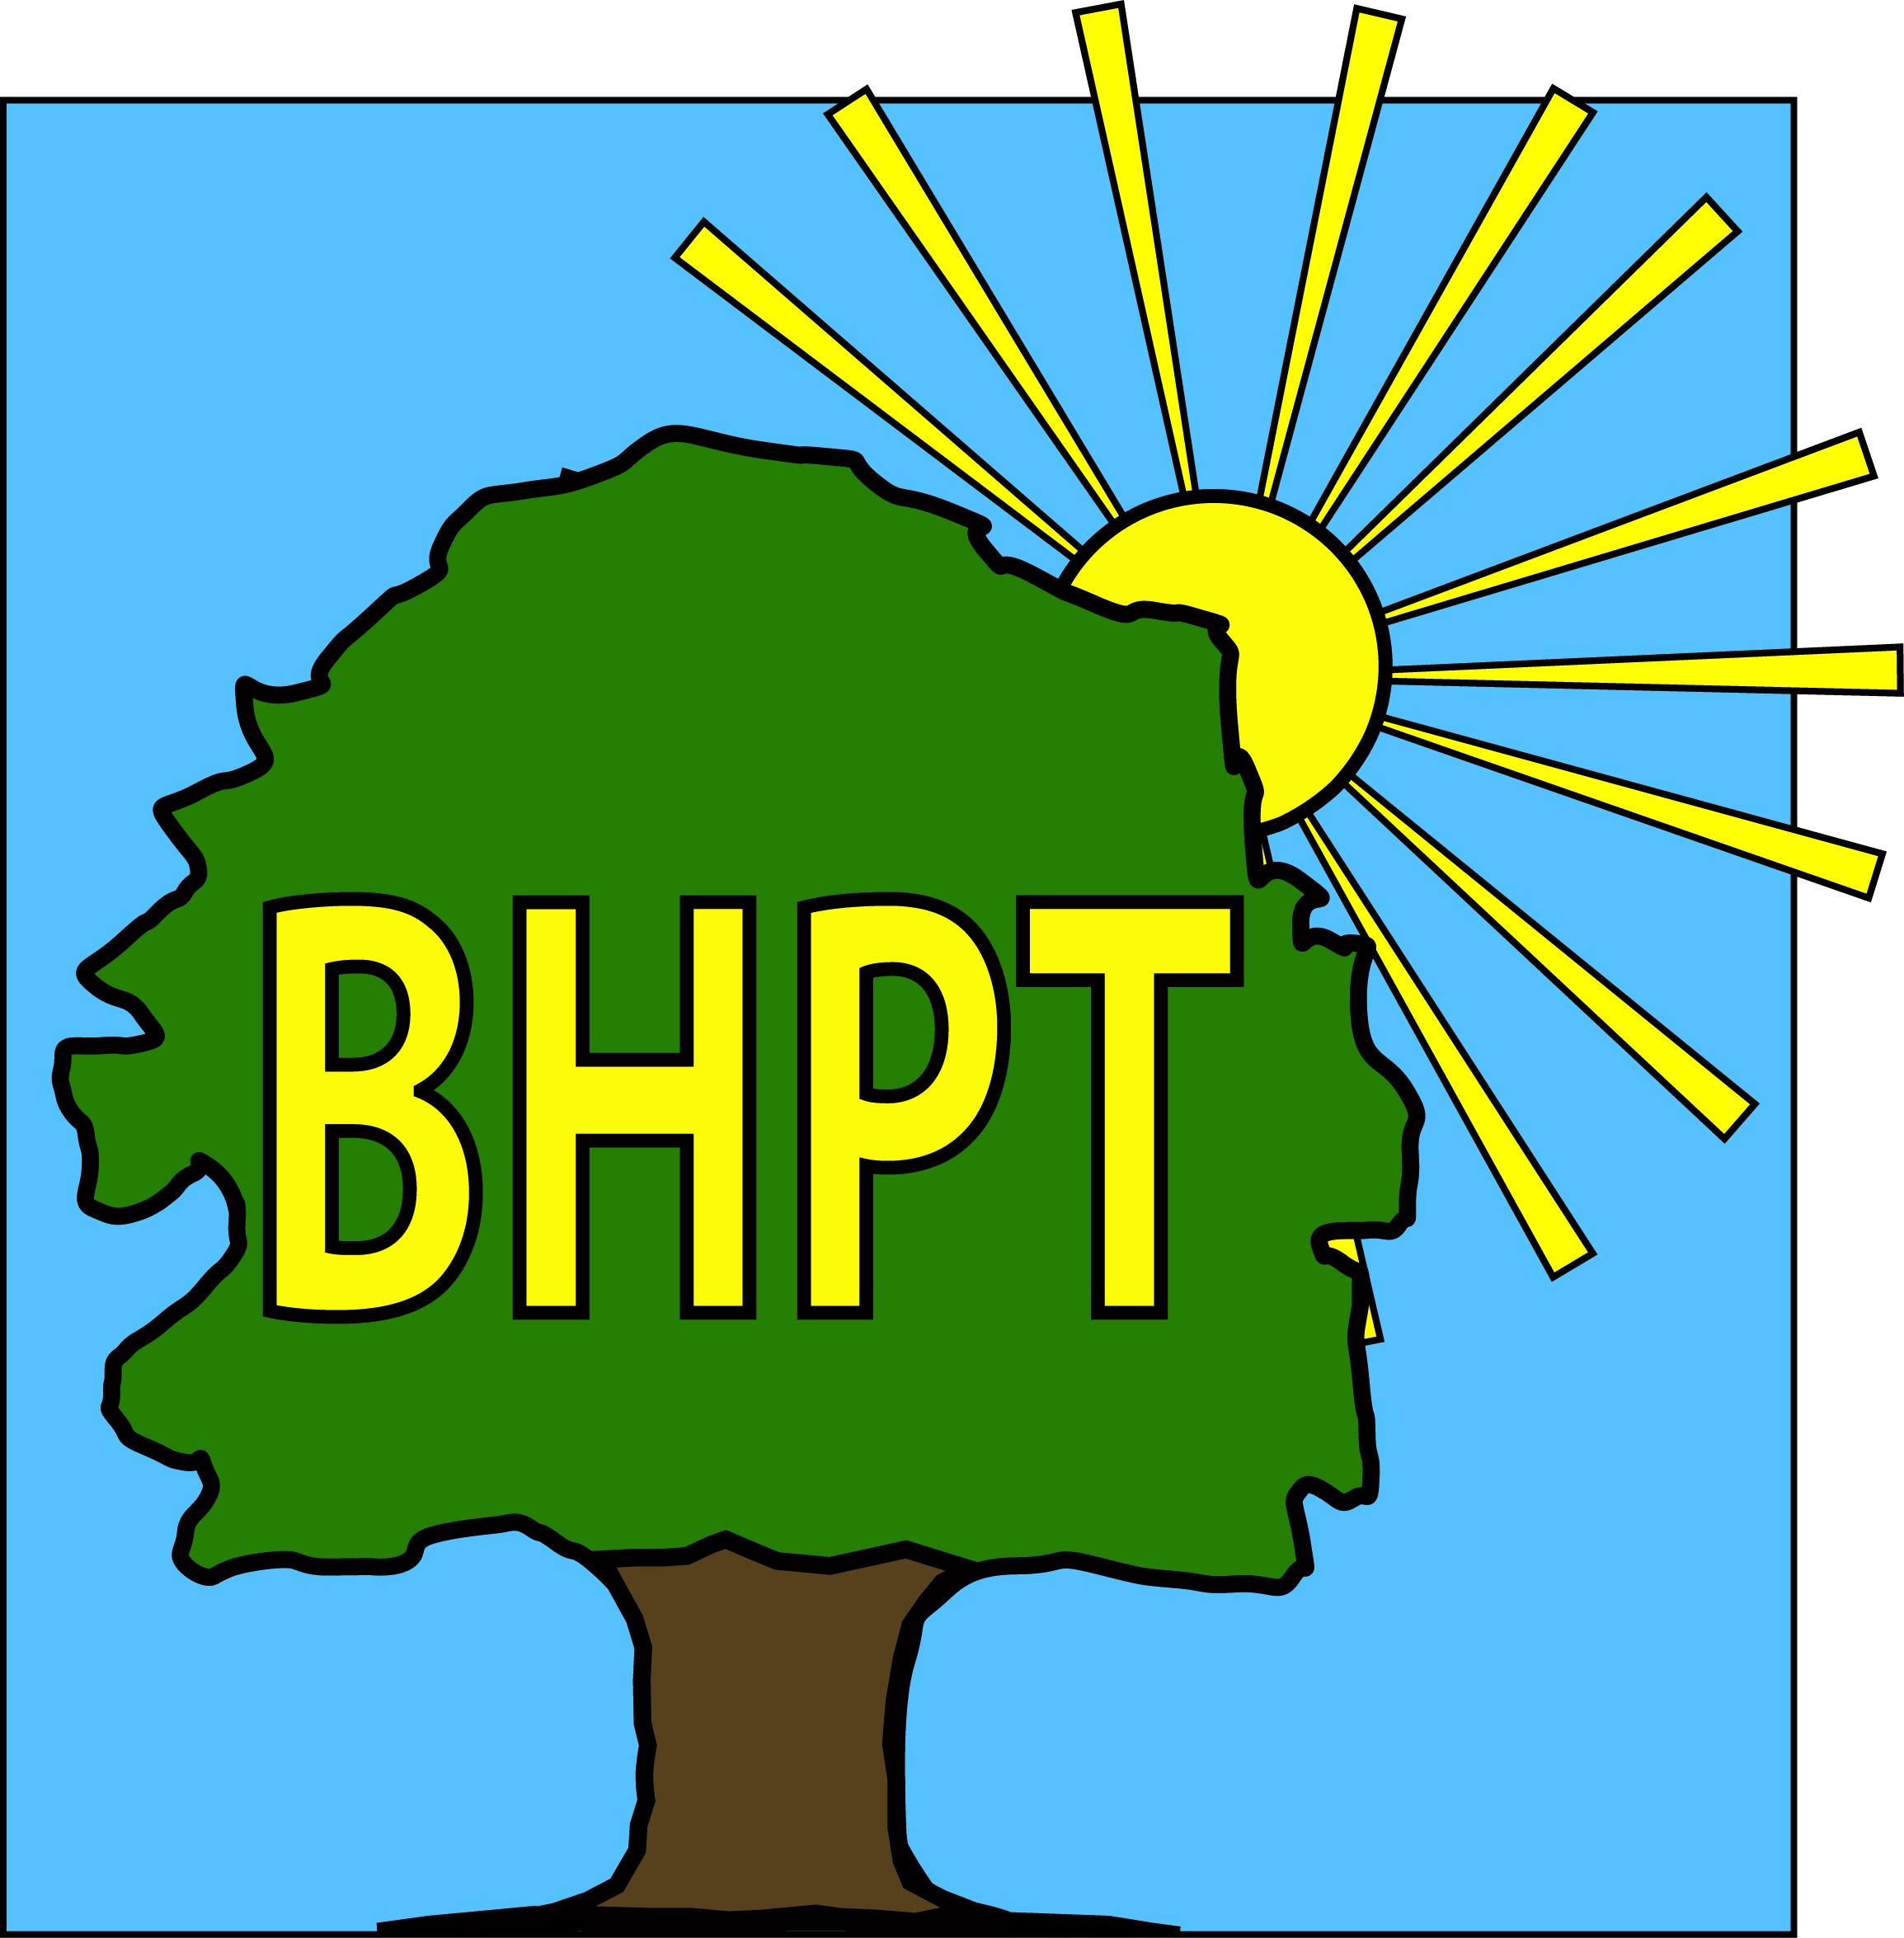 BHPT logo.jpg